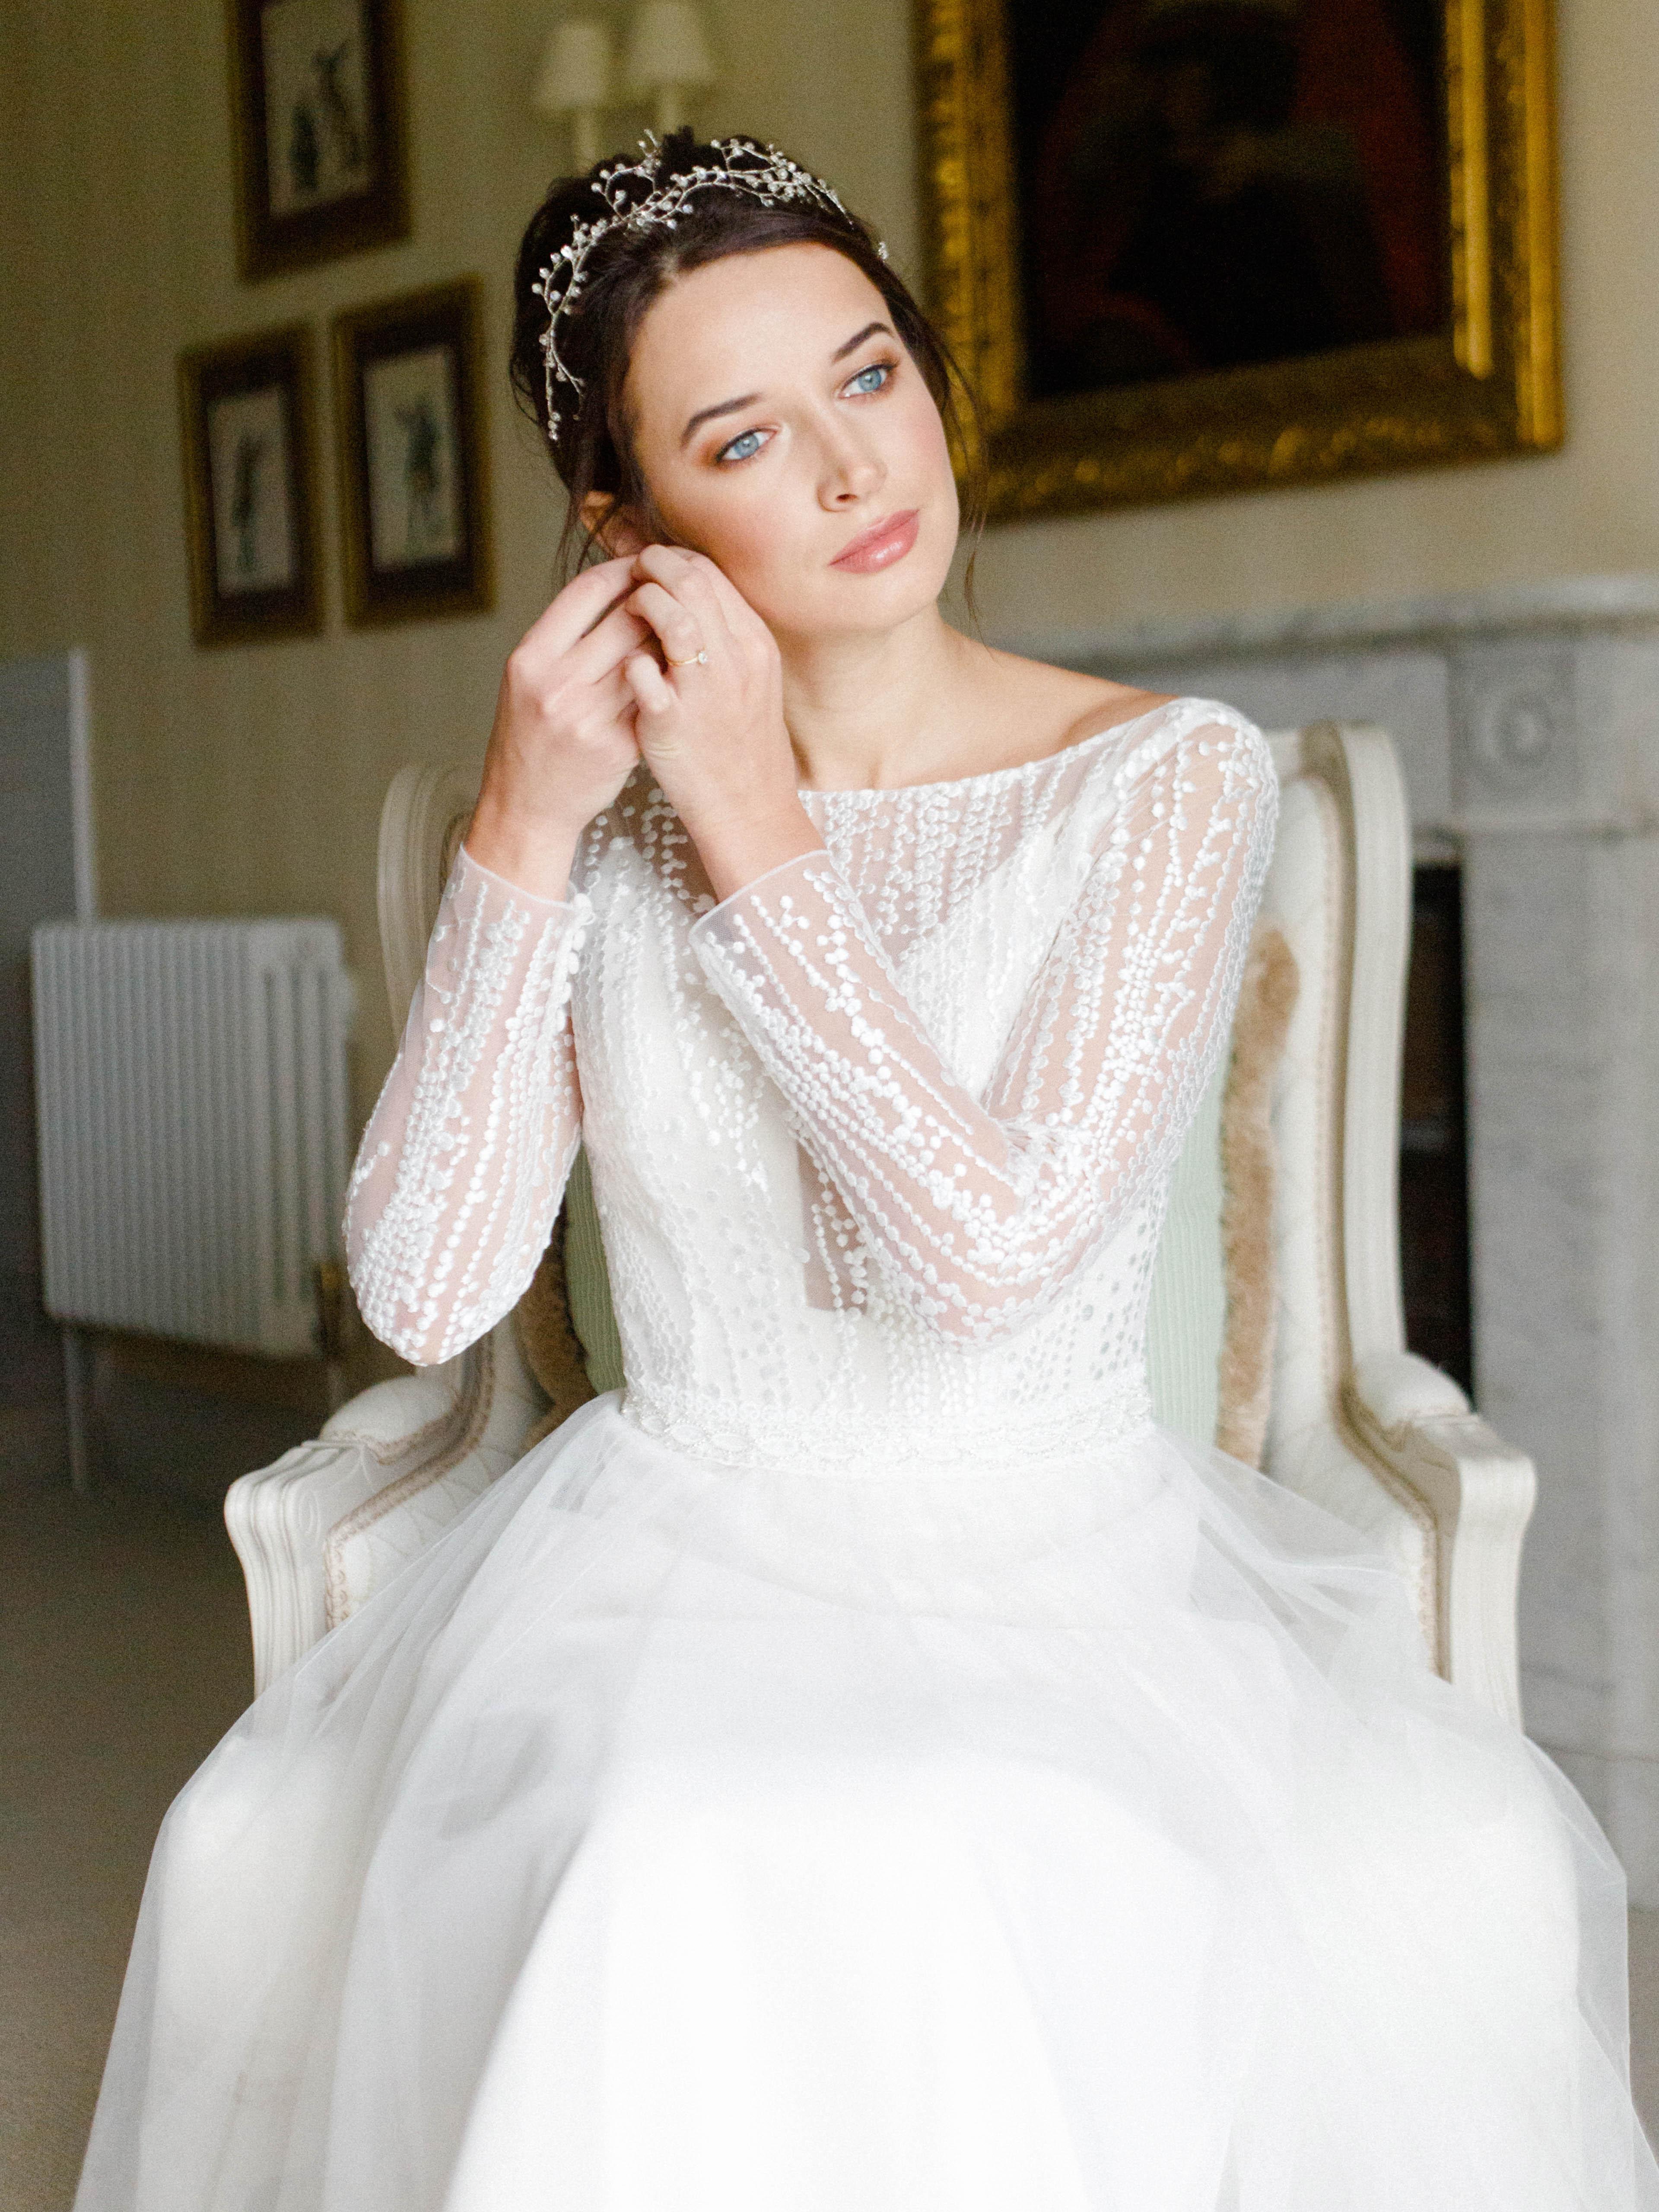 fresh-modern-wedding-look-bride-attaching-in-ear-ring-london